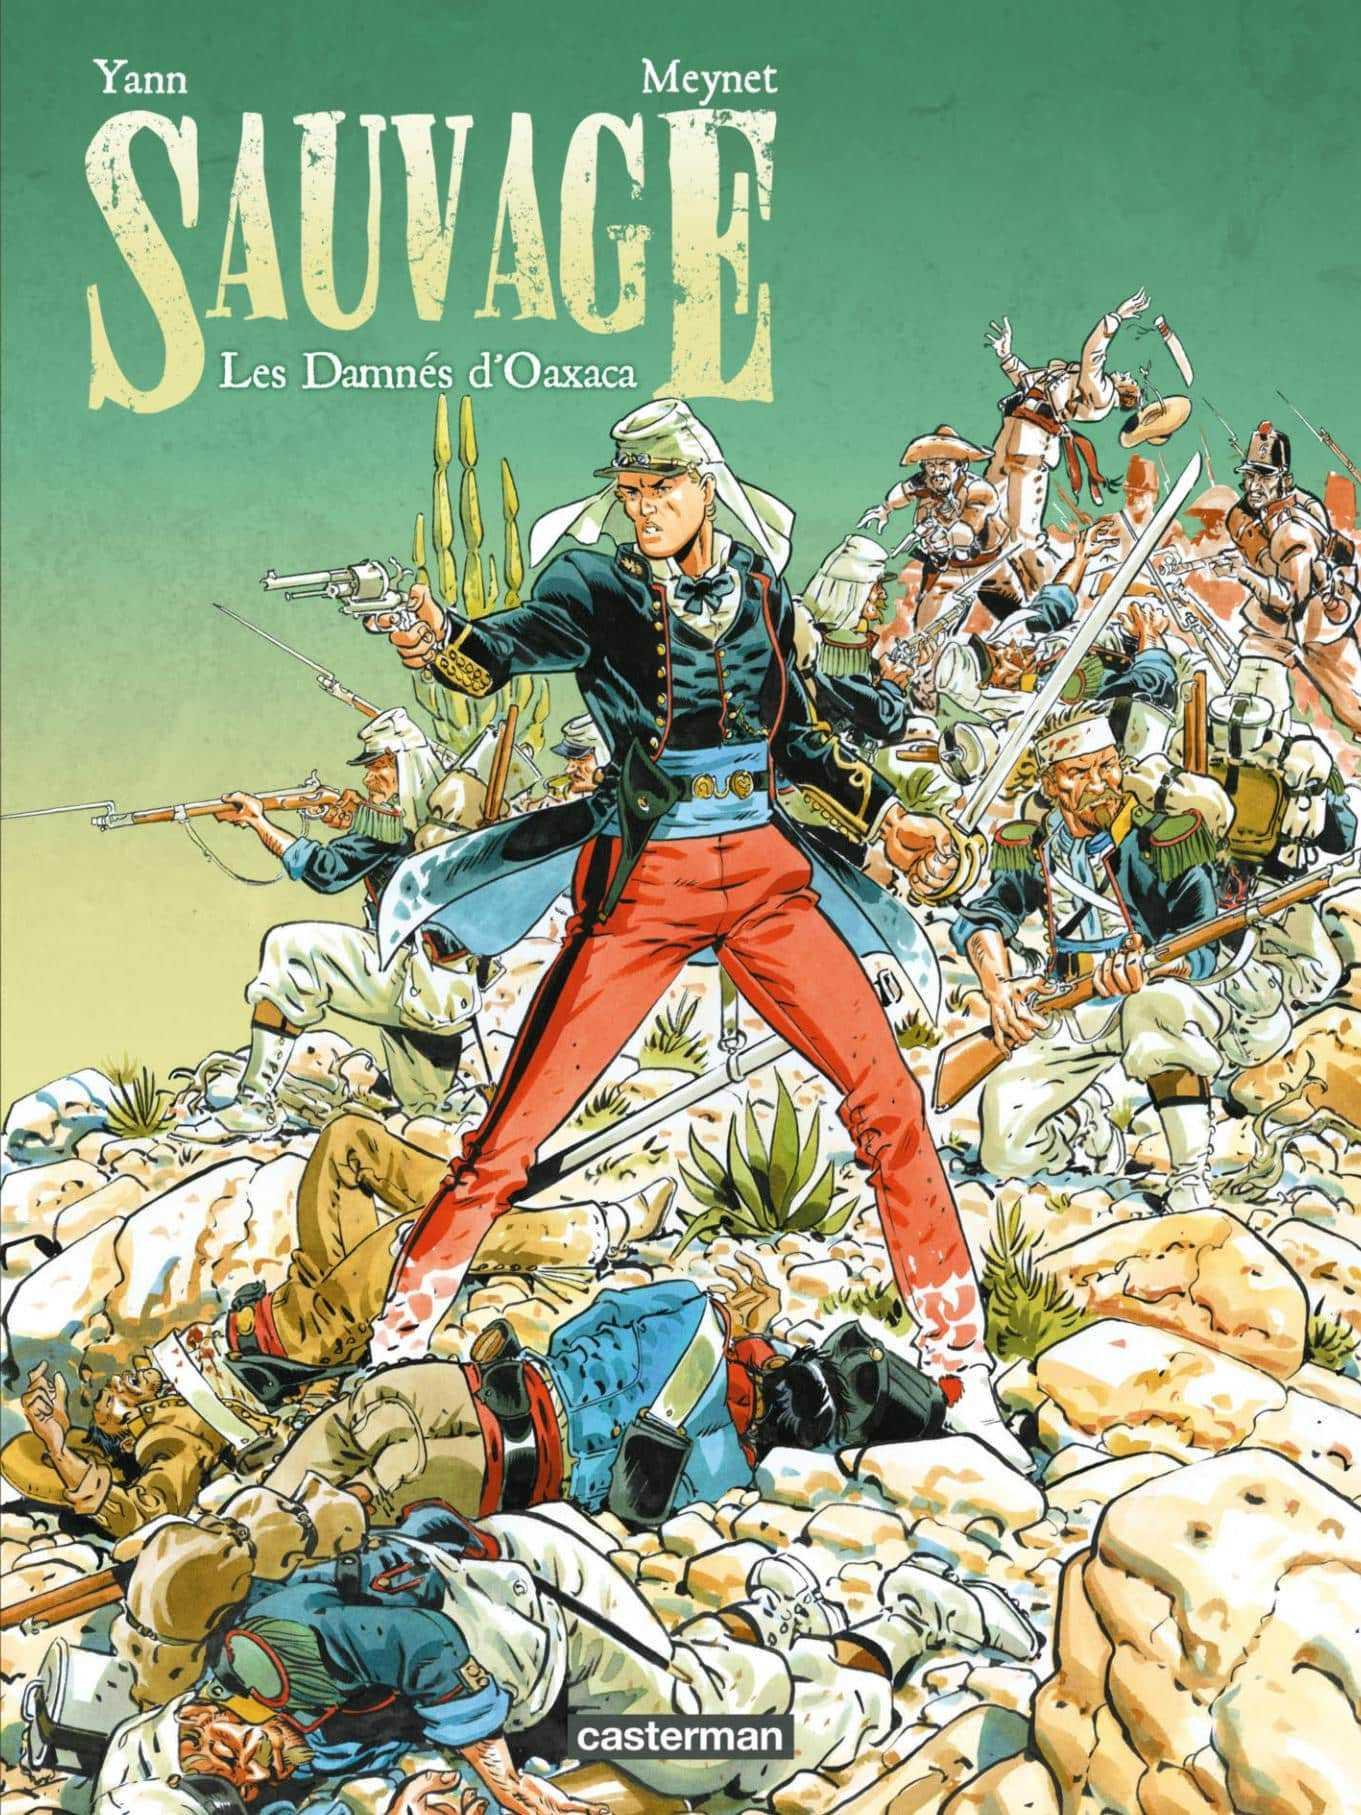 Sauvage, aventures mexicaines pour le retour de Félix Meynet